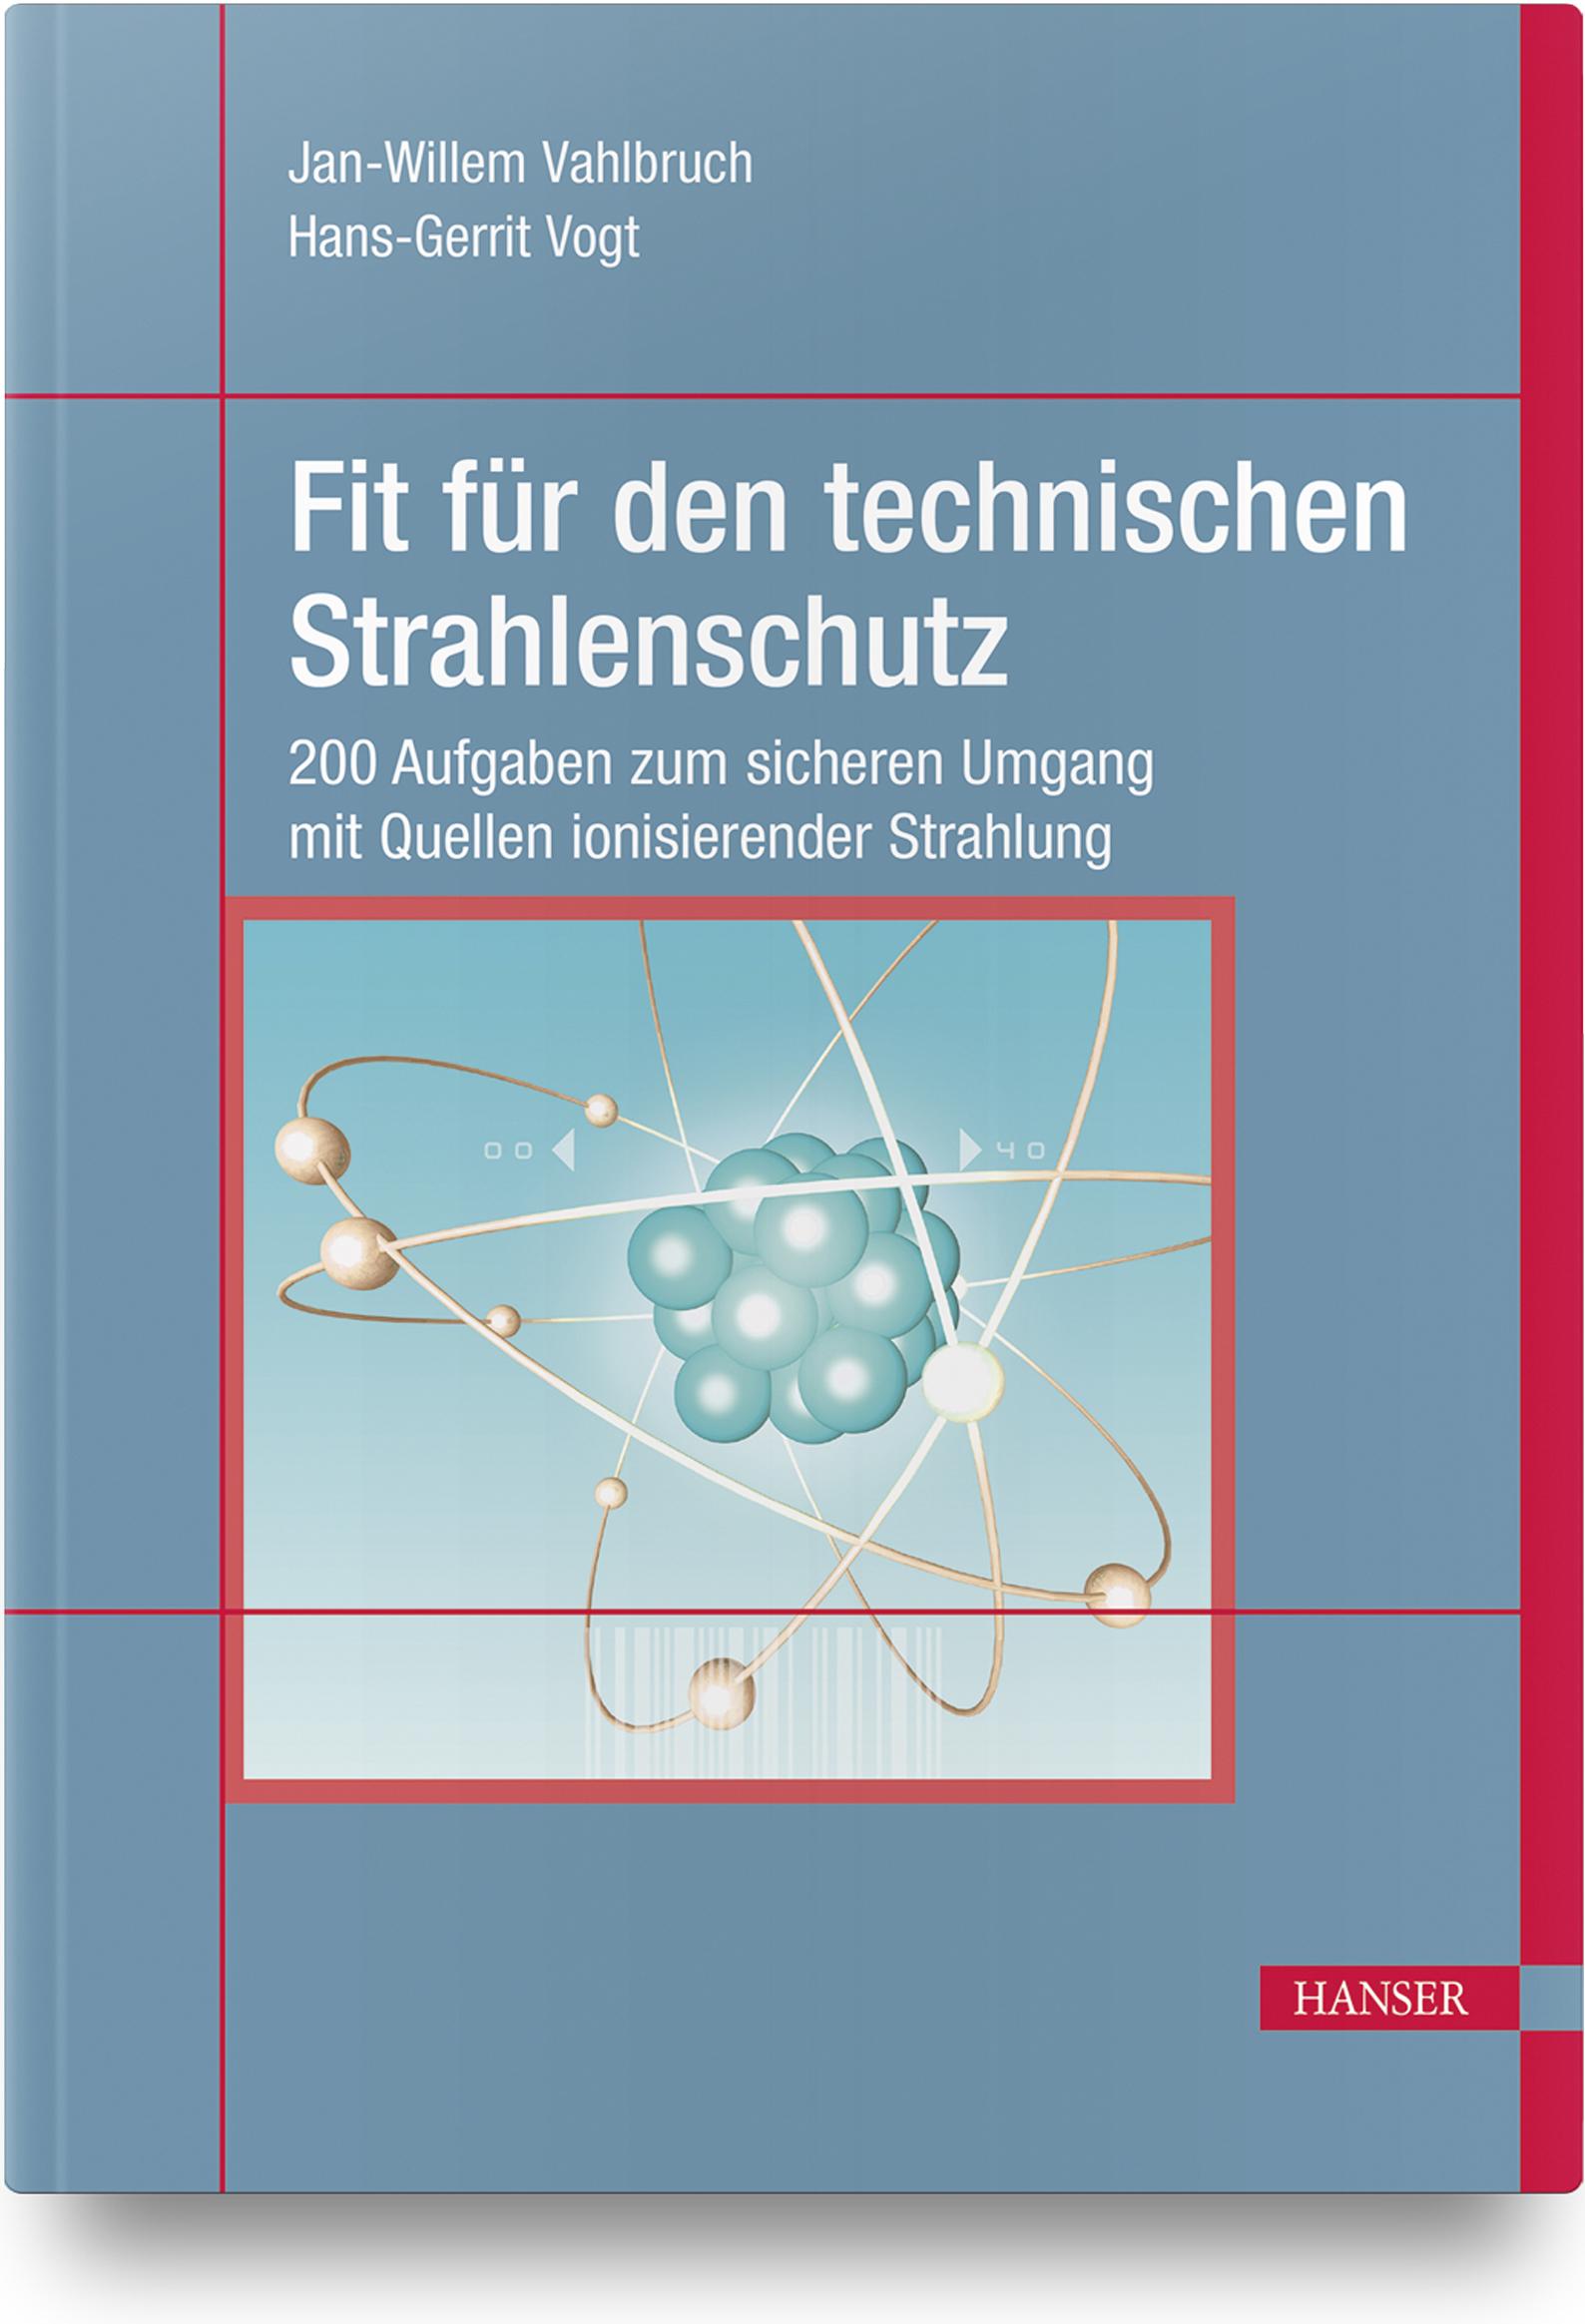 Vahlbruch, Vogt, Fit für den technischen Strahlenschutz, 978-3-446-45210-7